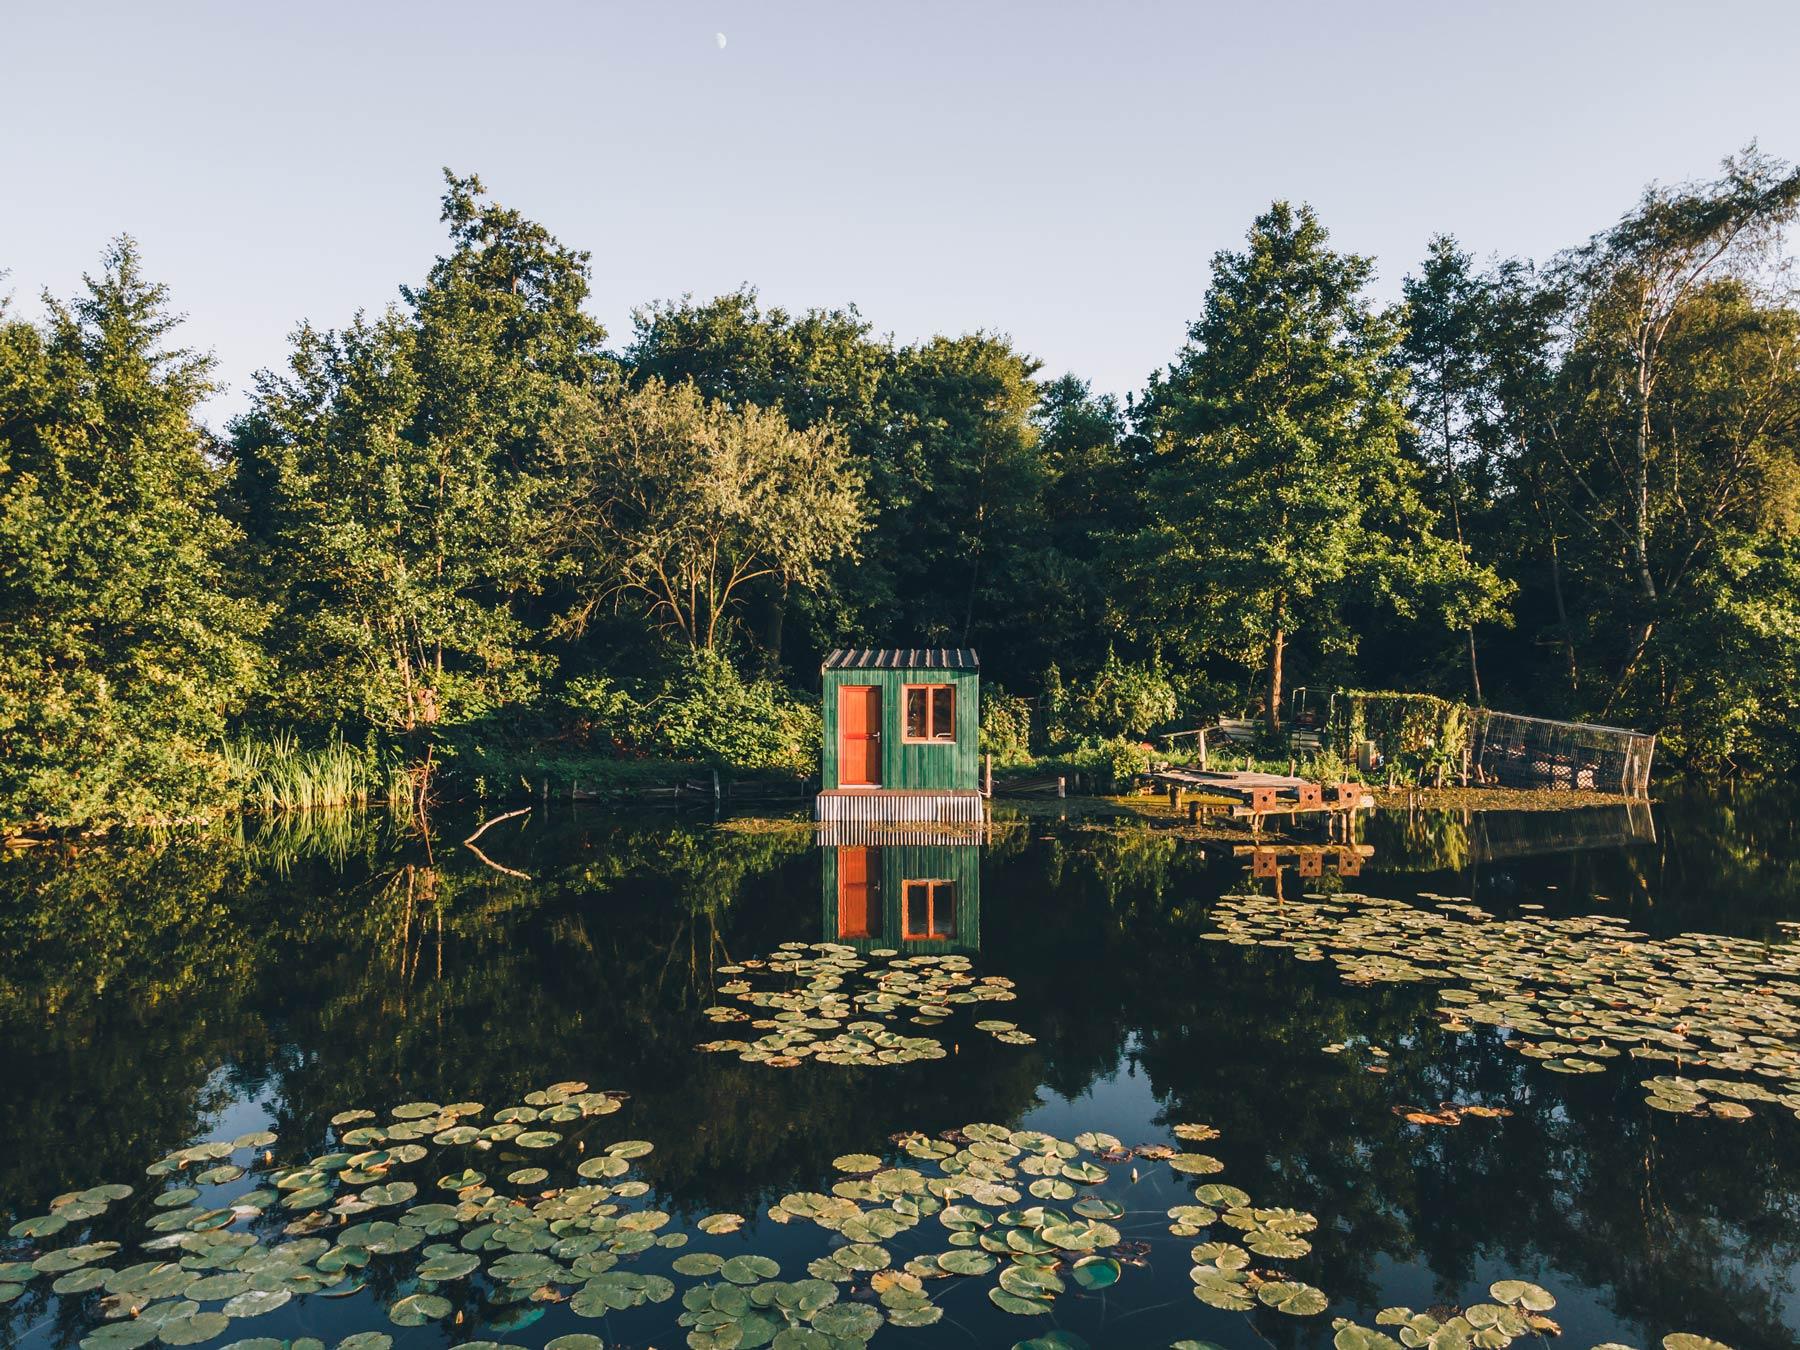 étang, Long, Somme